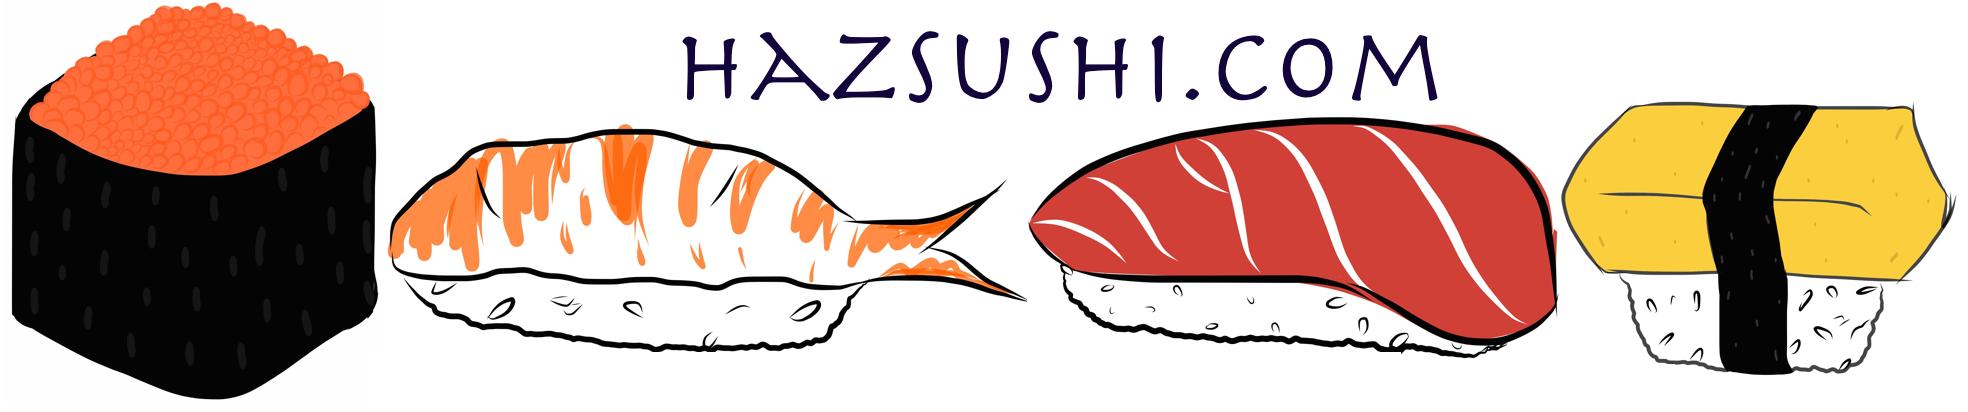 HazSushi.com